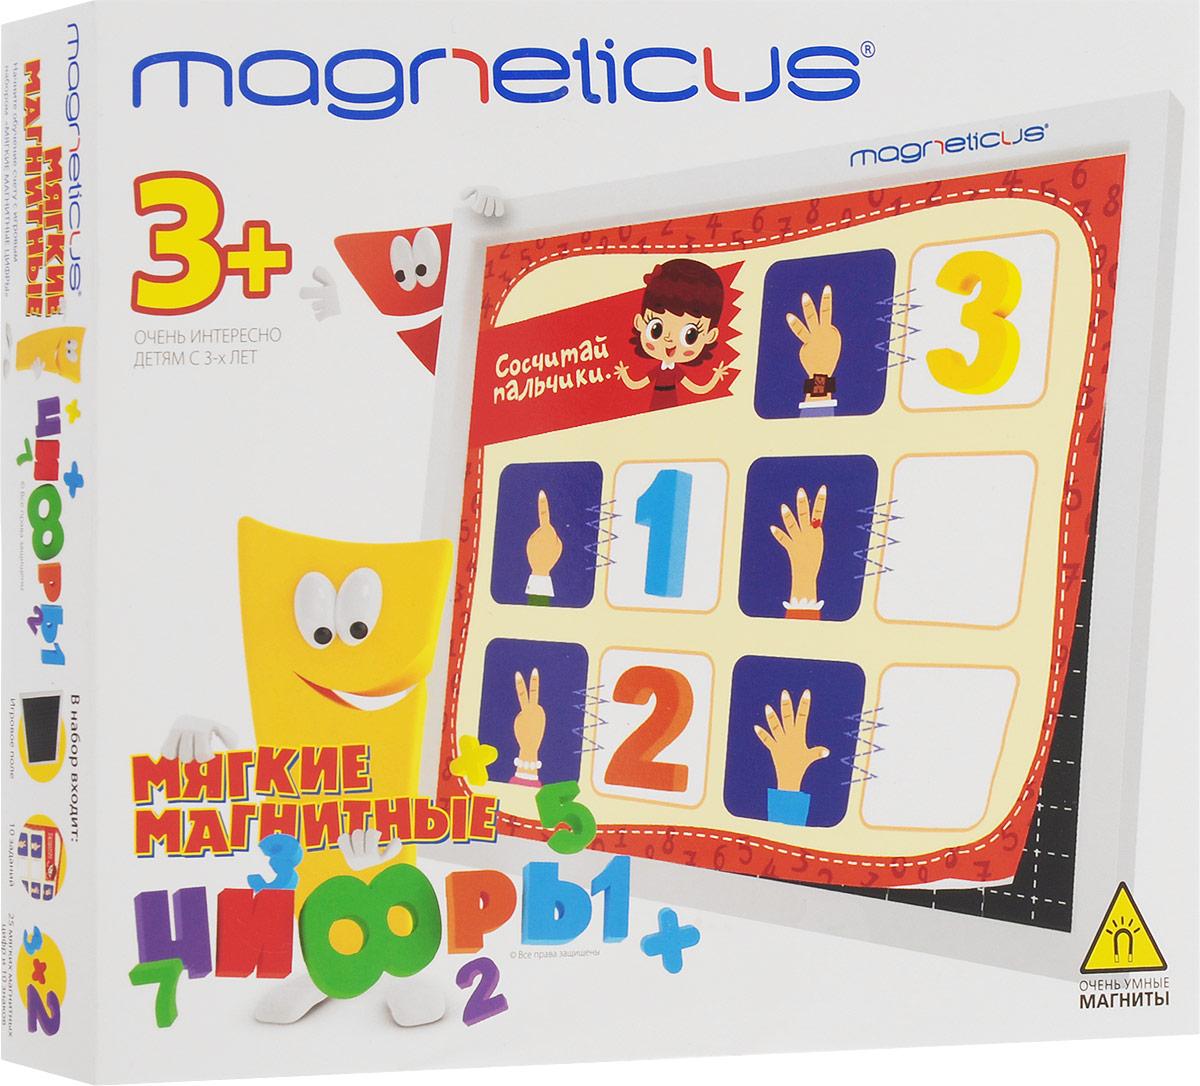 Magneticus Обучающая игра Мягкие магнитные цифры magneticus мягкие магнитные цифры